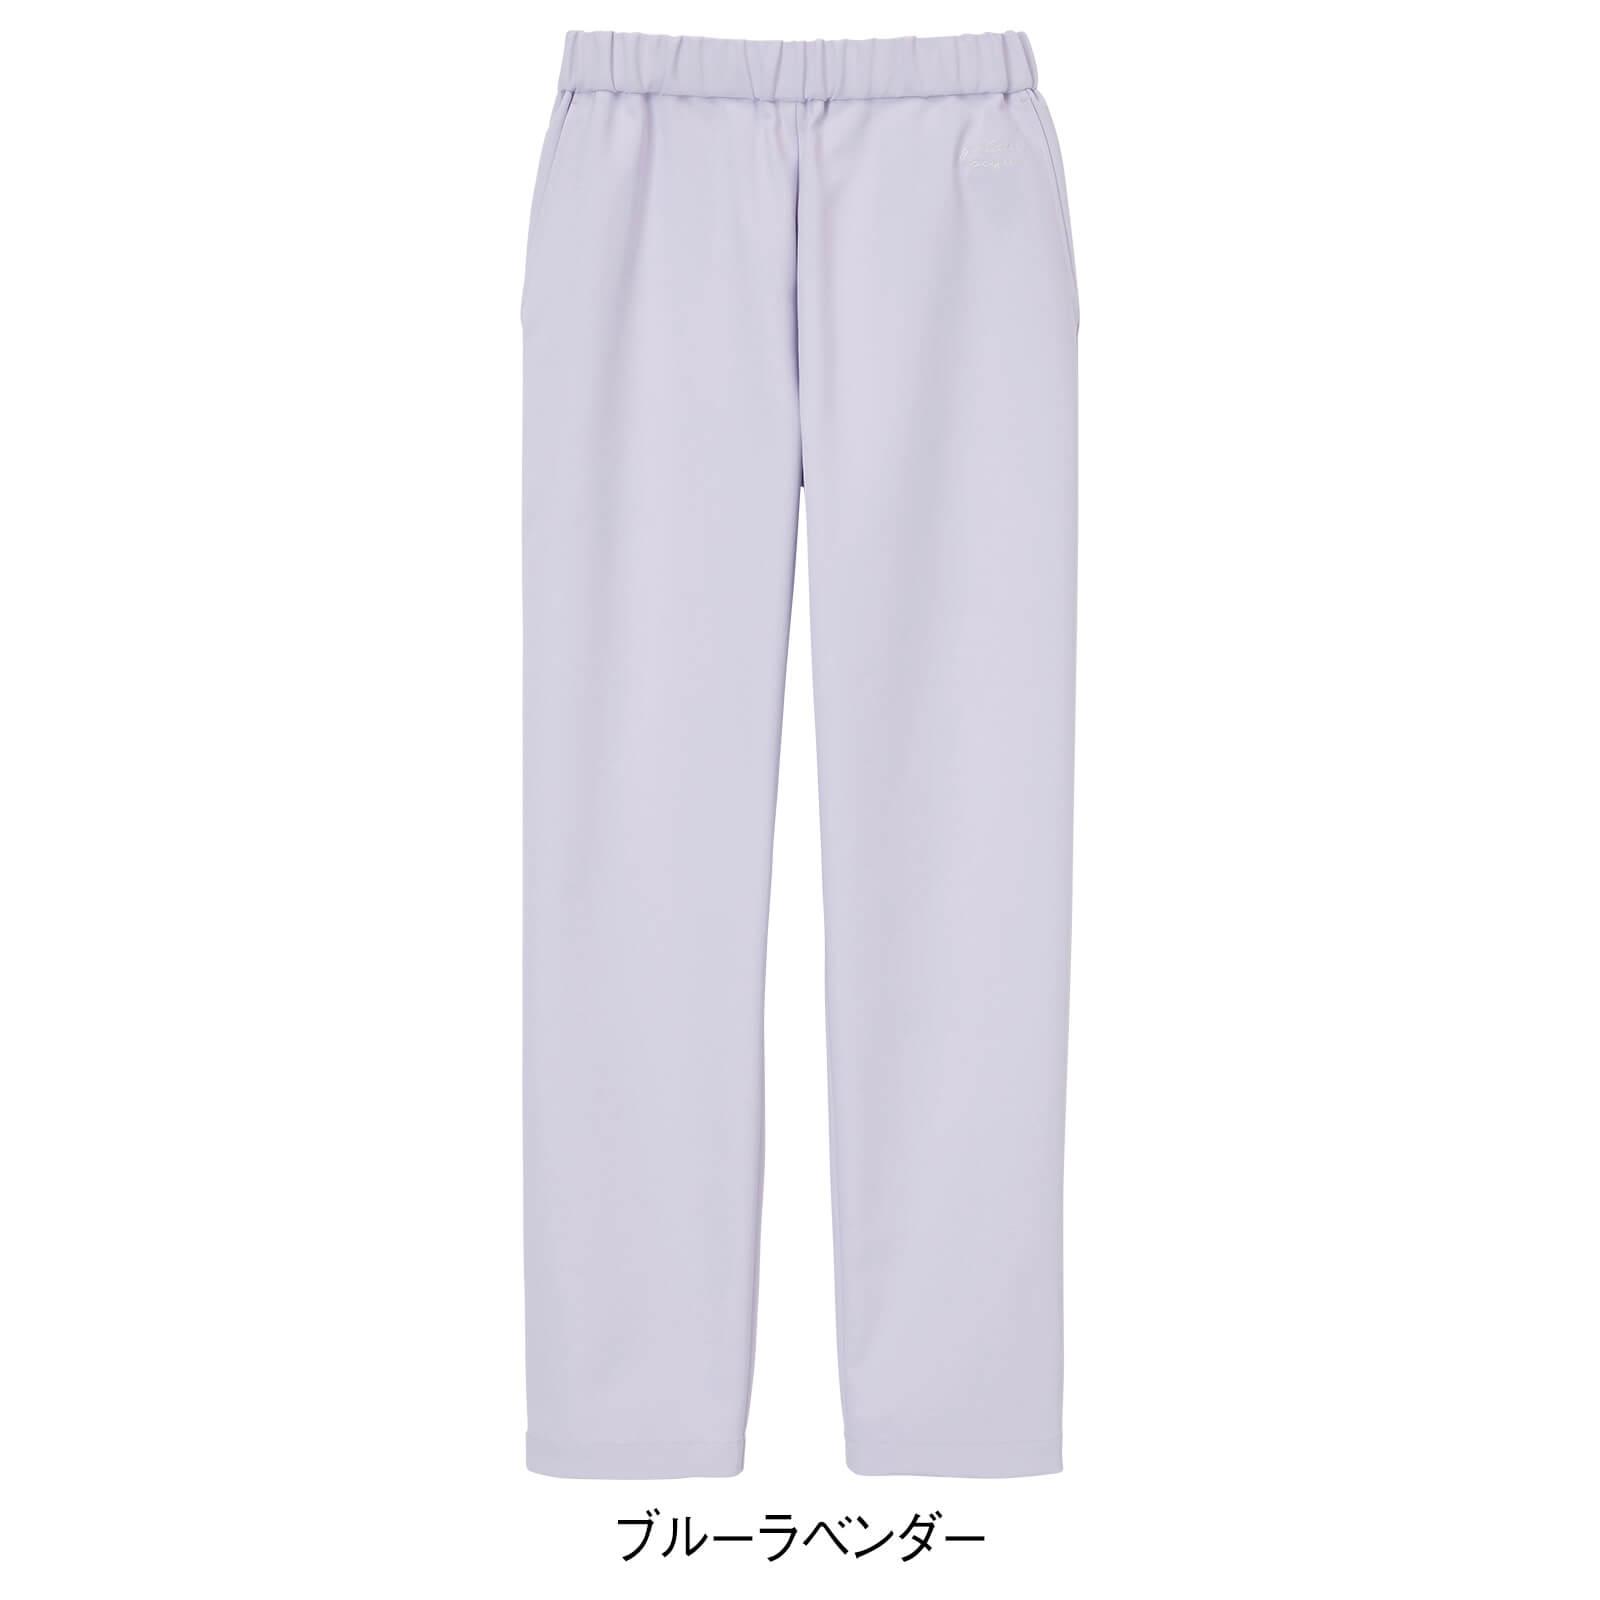 ・ブランド白衣(パンツ)